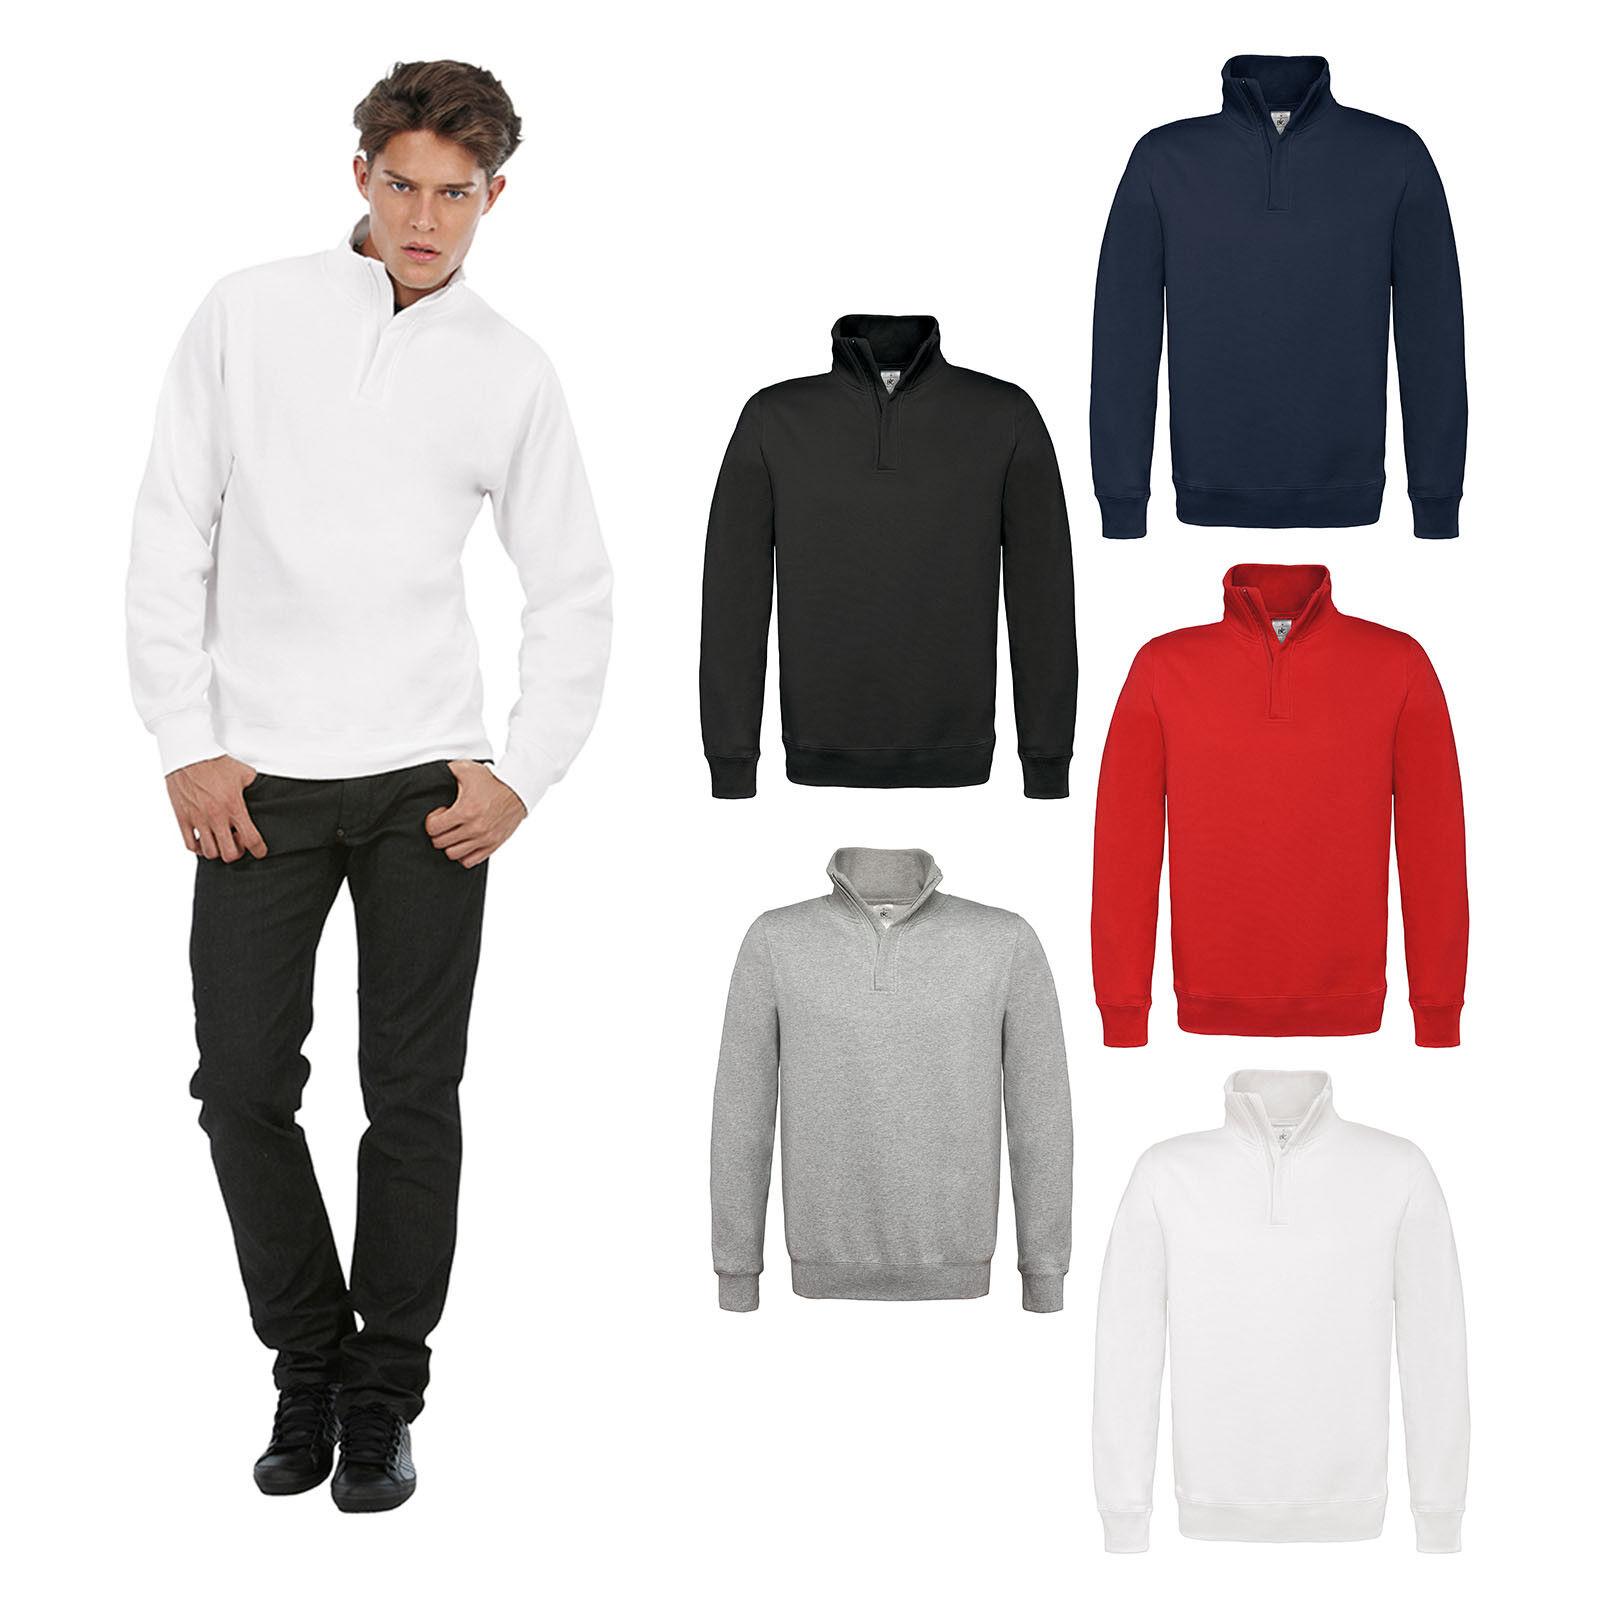 B&C Collection ID.004 1 4 Zip Sweatshirt WUI22 -Fleece Collar Jumper Warm Casual